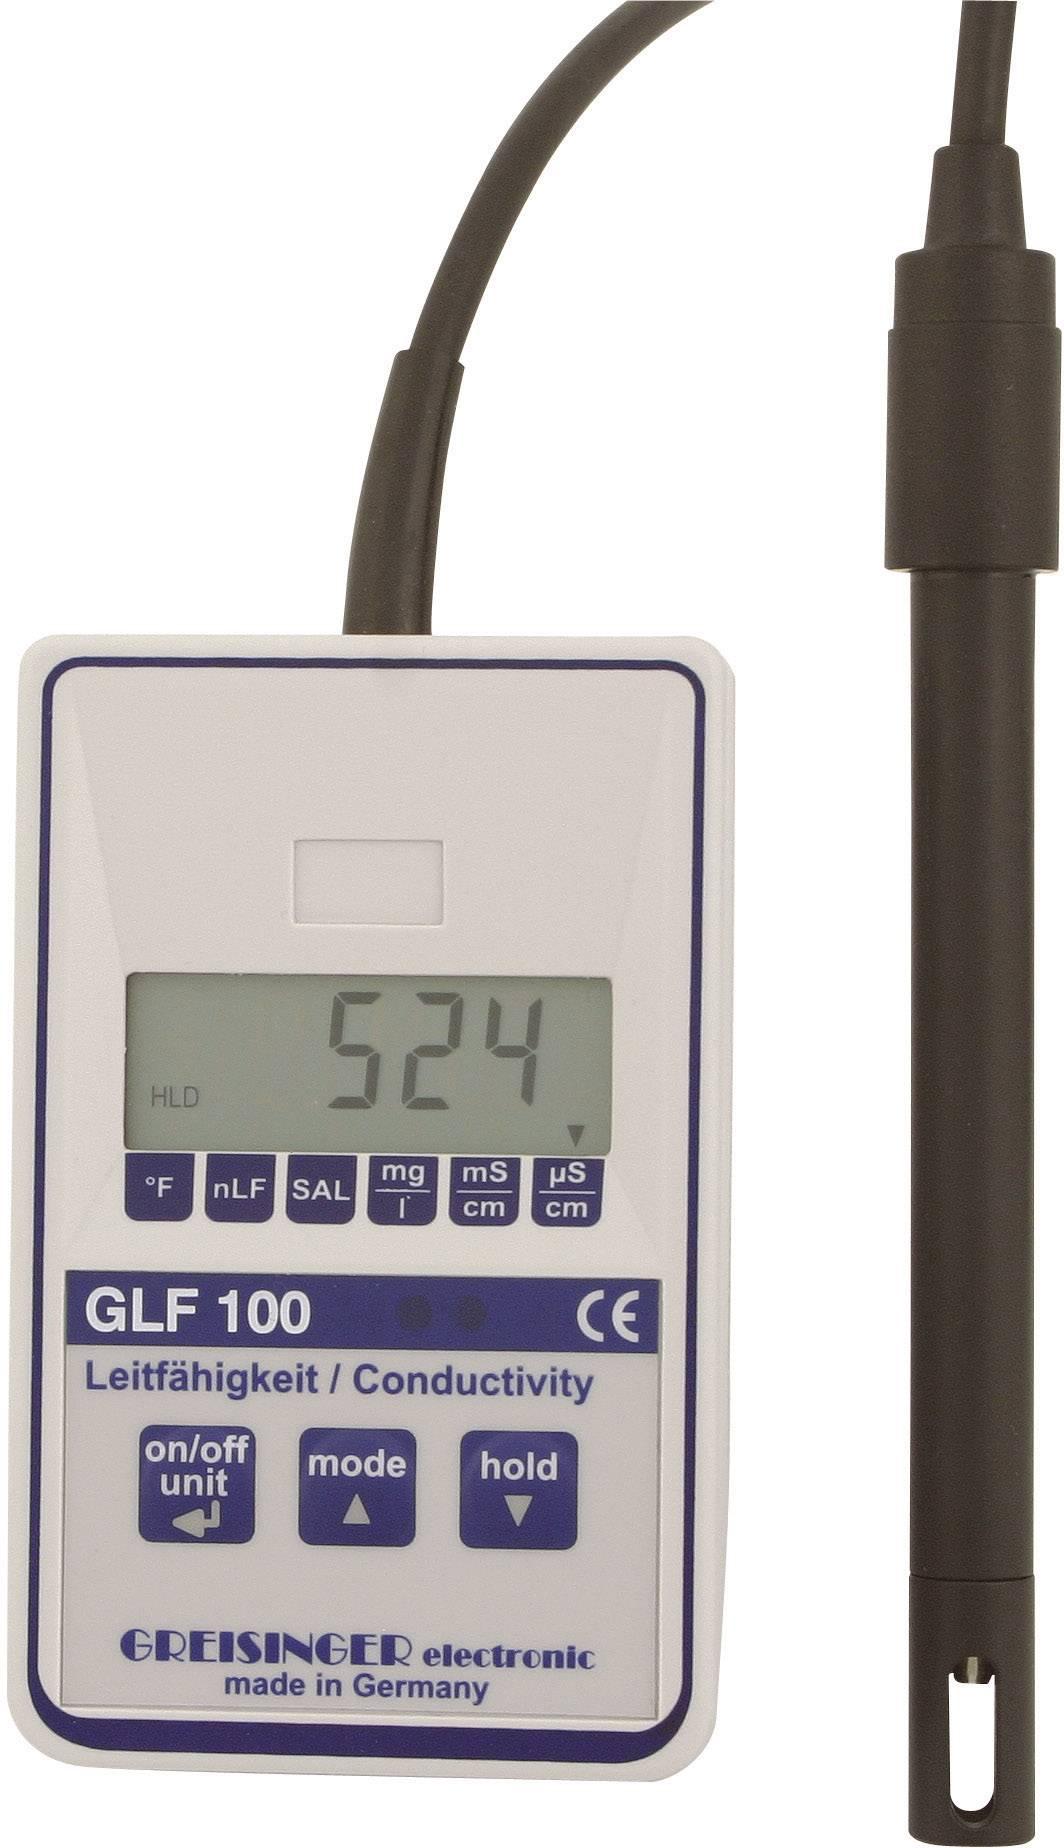 Univerzální měřič vodivosti Greisinger GLF 100,115090